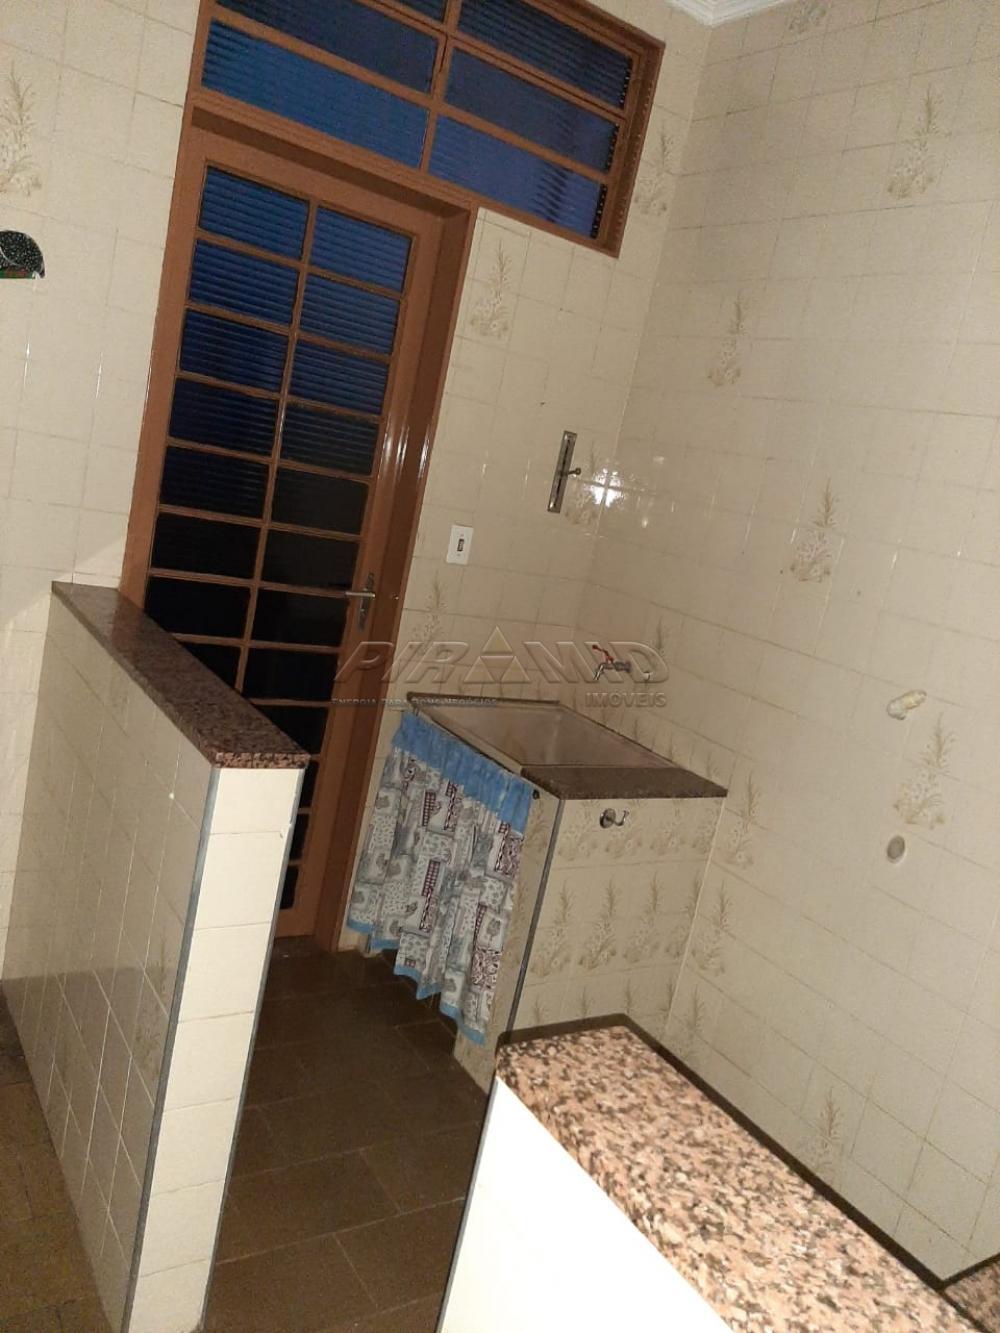 Comprar Casa / Padrão em Ribeirão Preto apenas R$ 200.000,00 - Foto 23